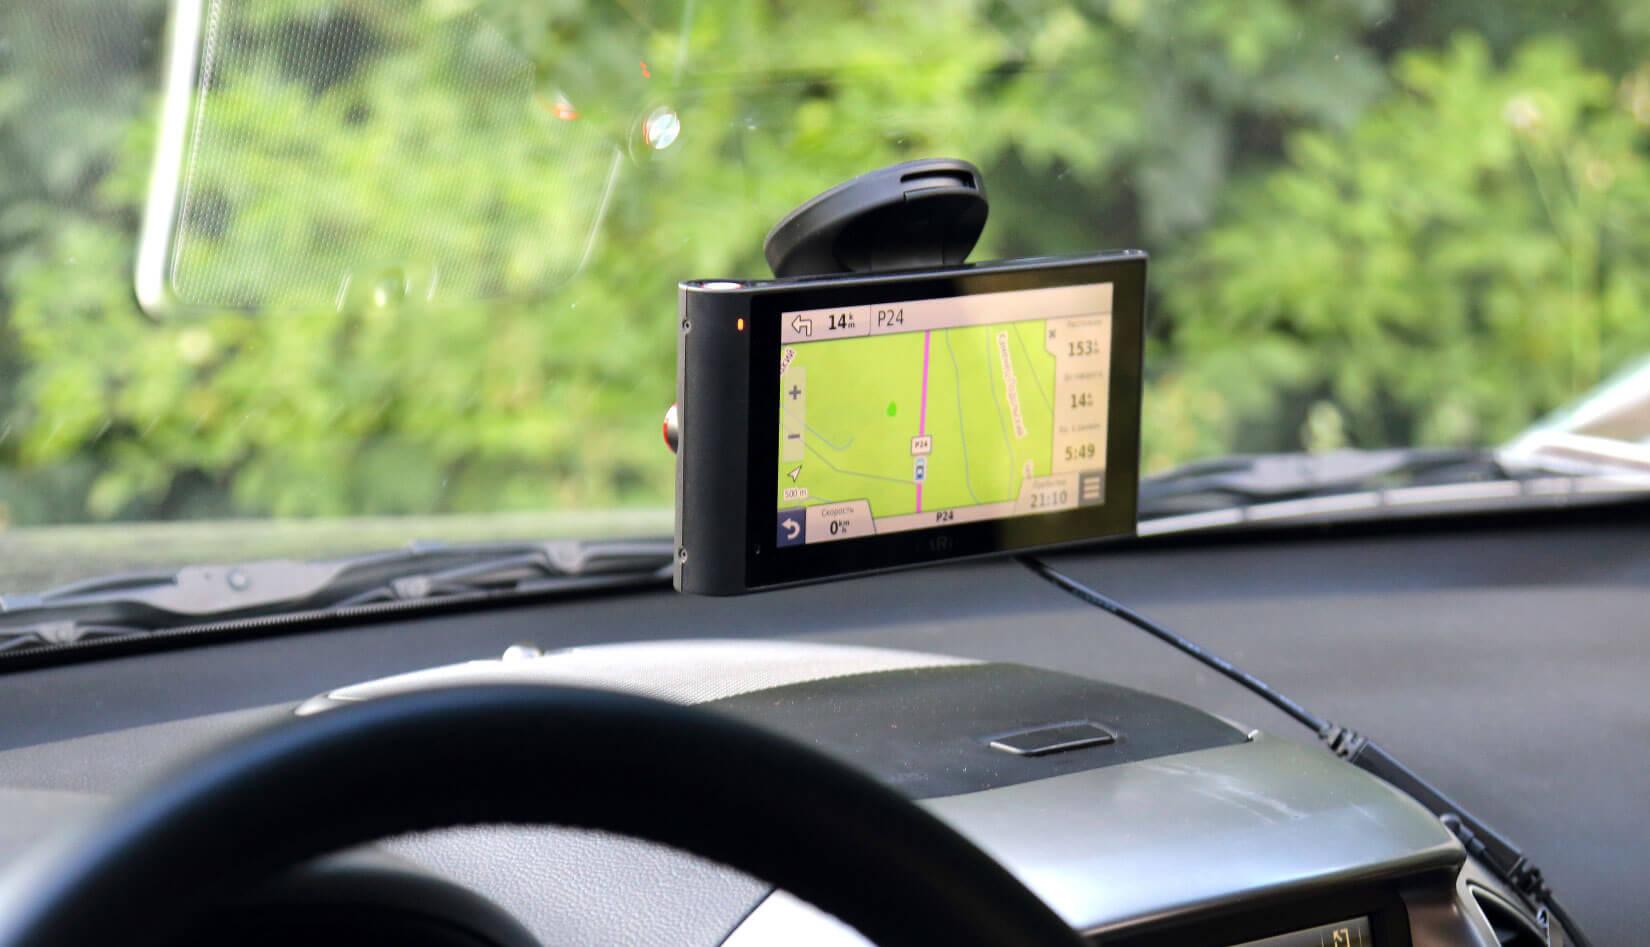 Аренда авто с GPS-навигатором в Крыму